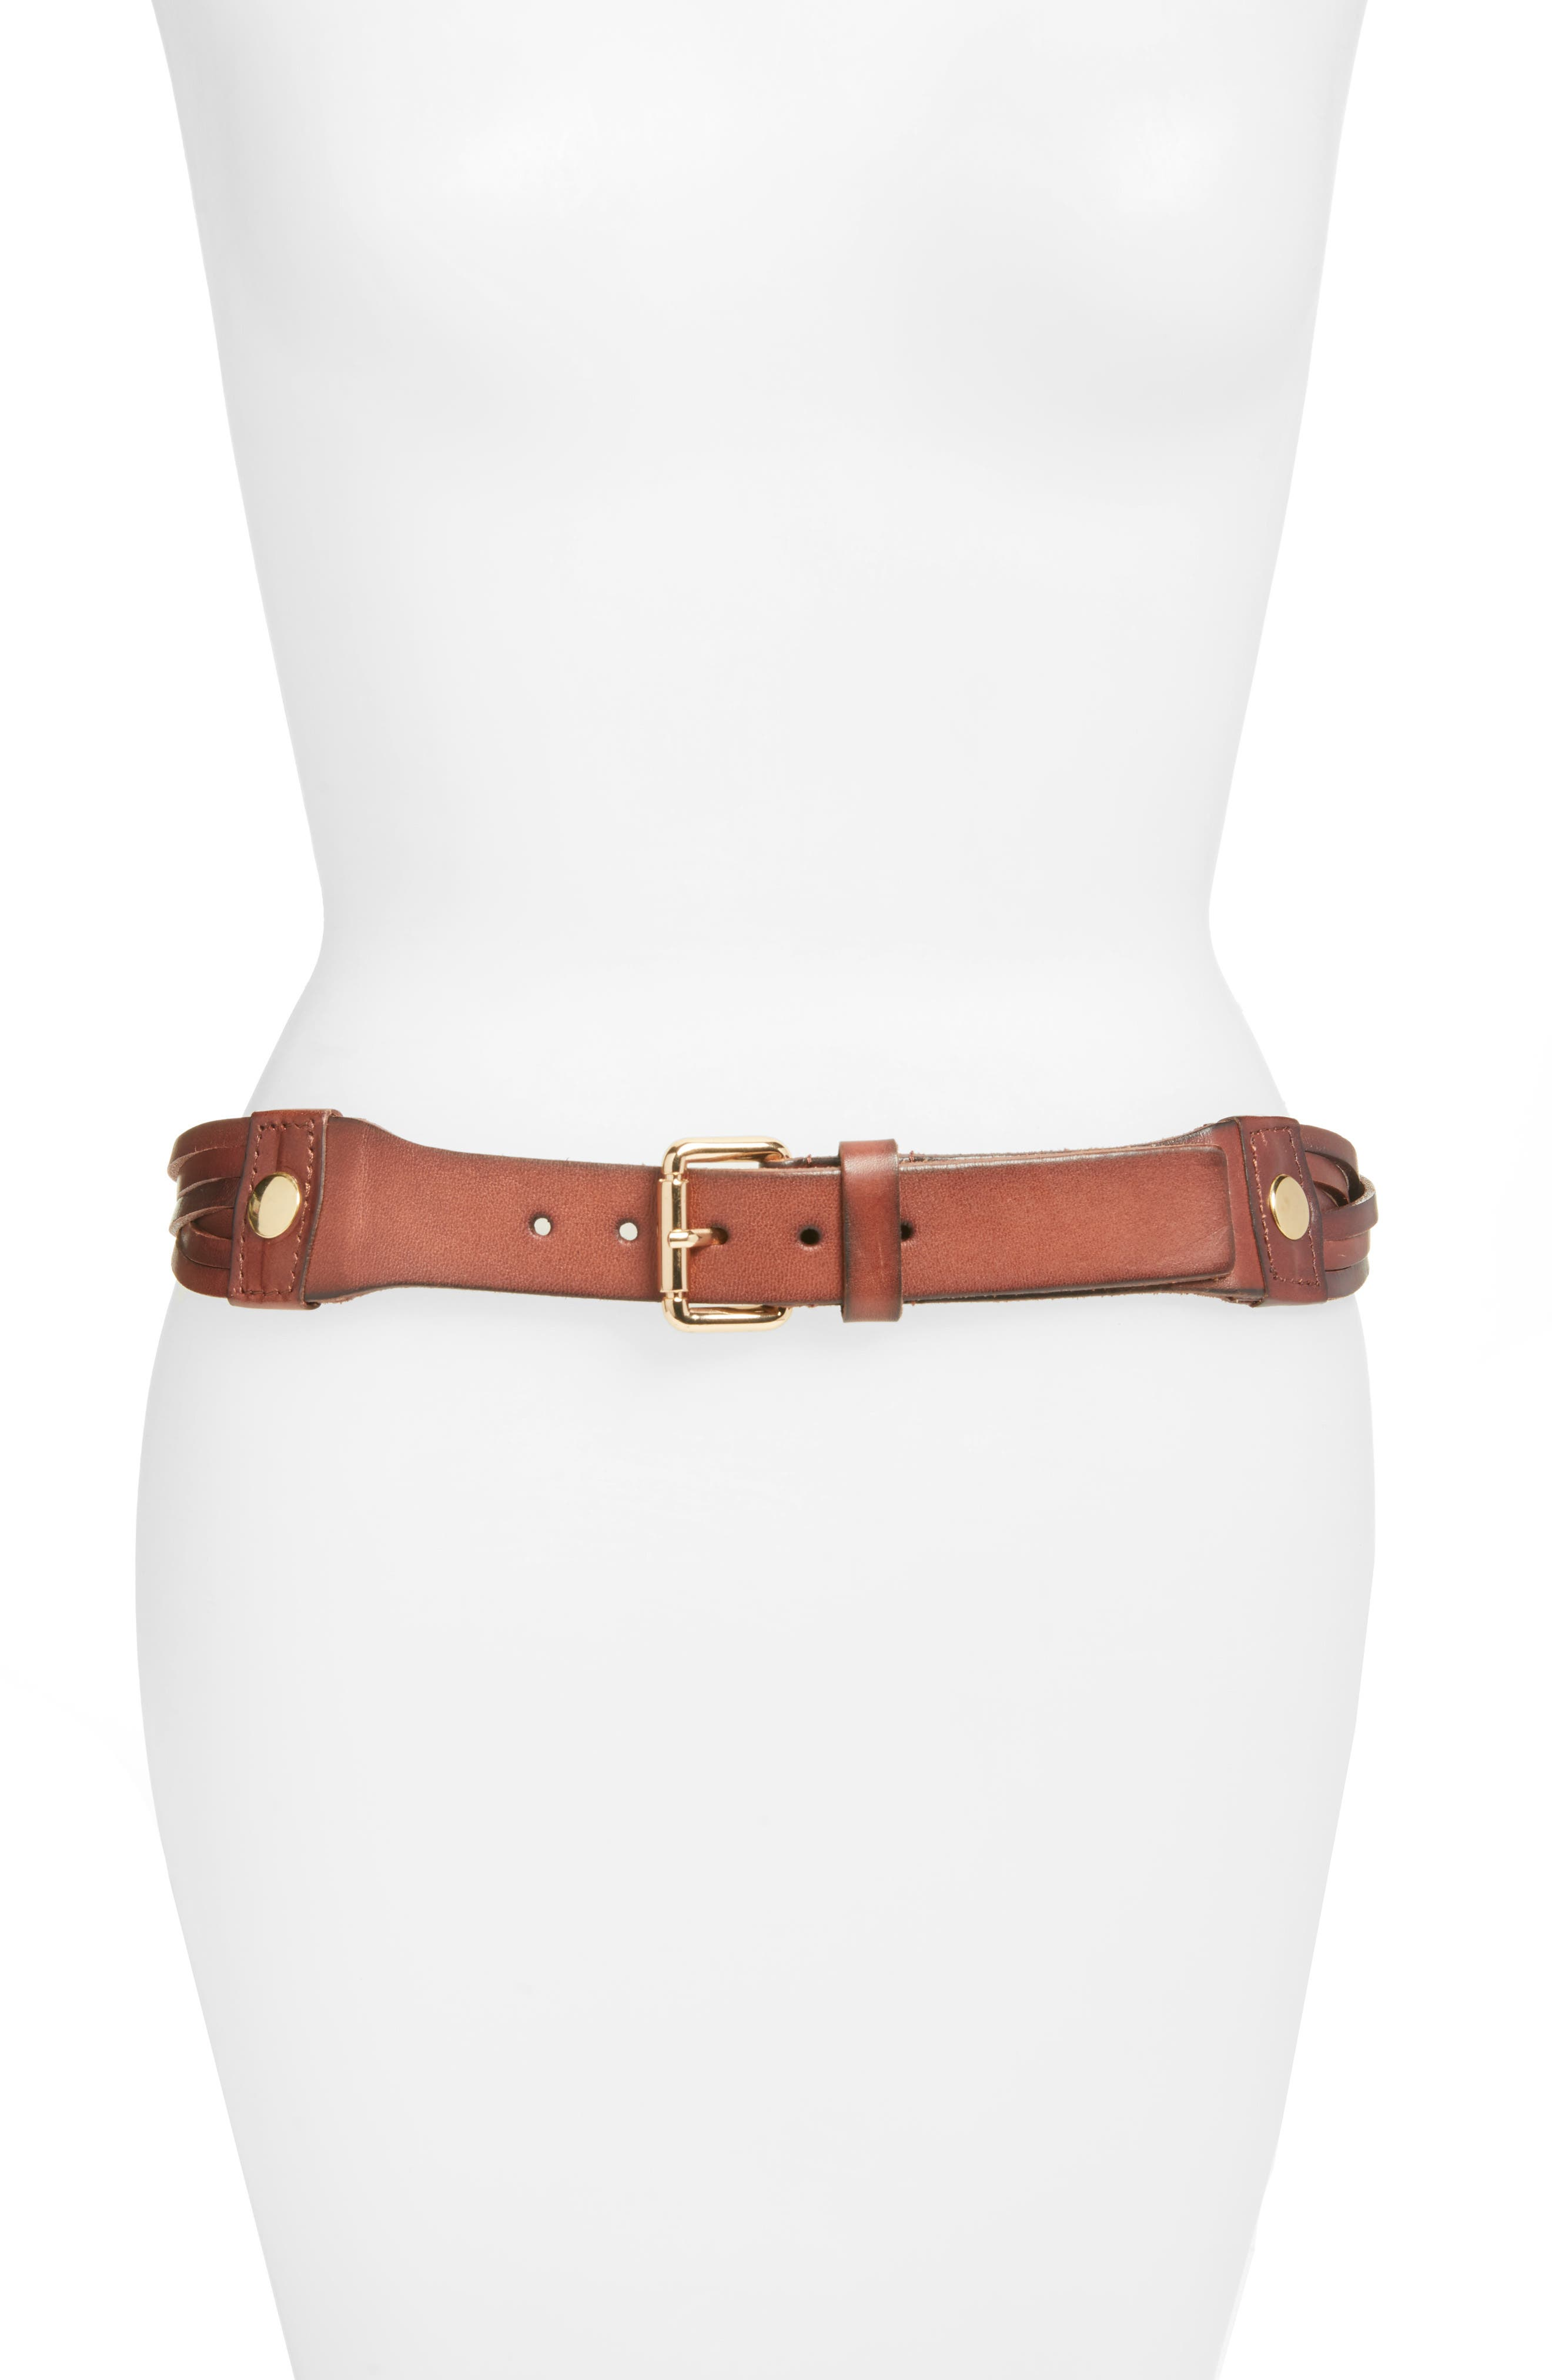 Alternate Image 1 Selected - Elise M. Hunter Twisted Leather Hip Belt